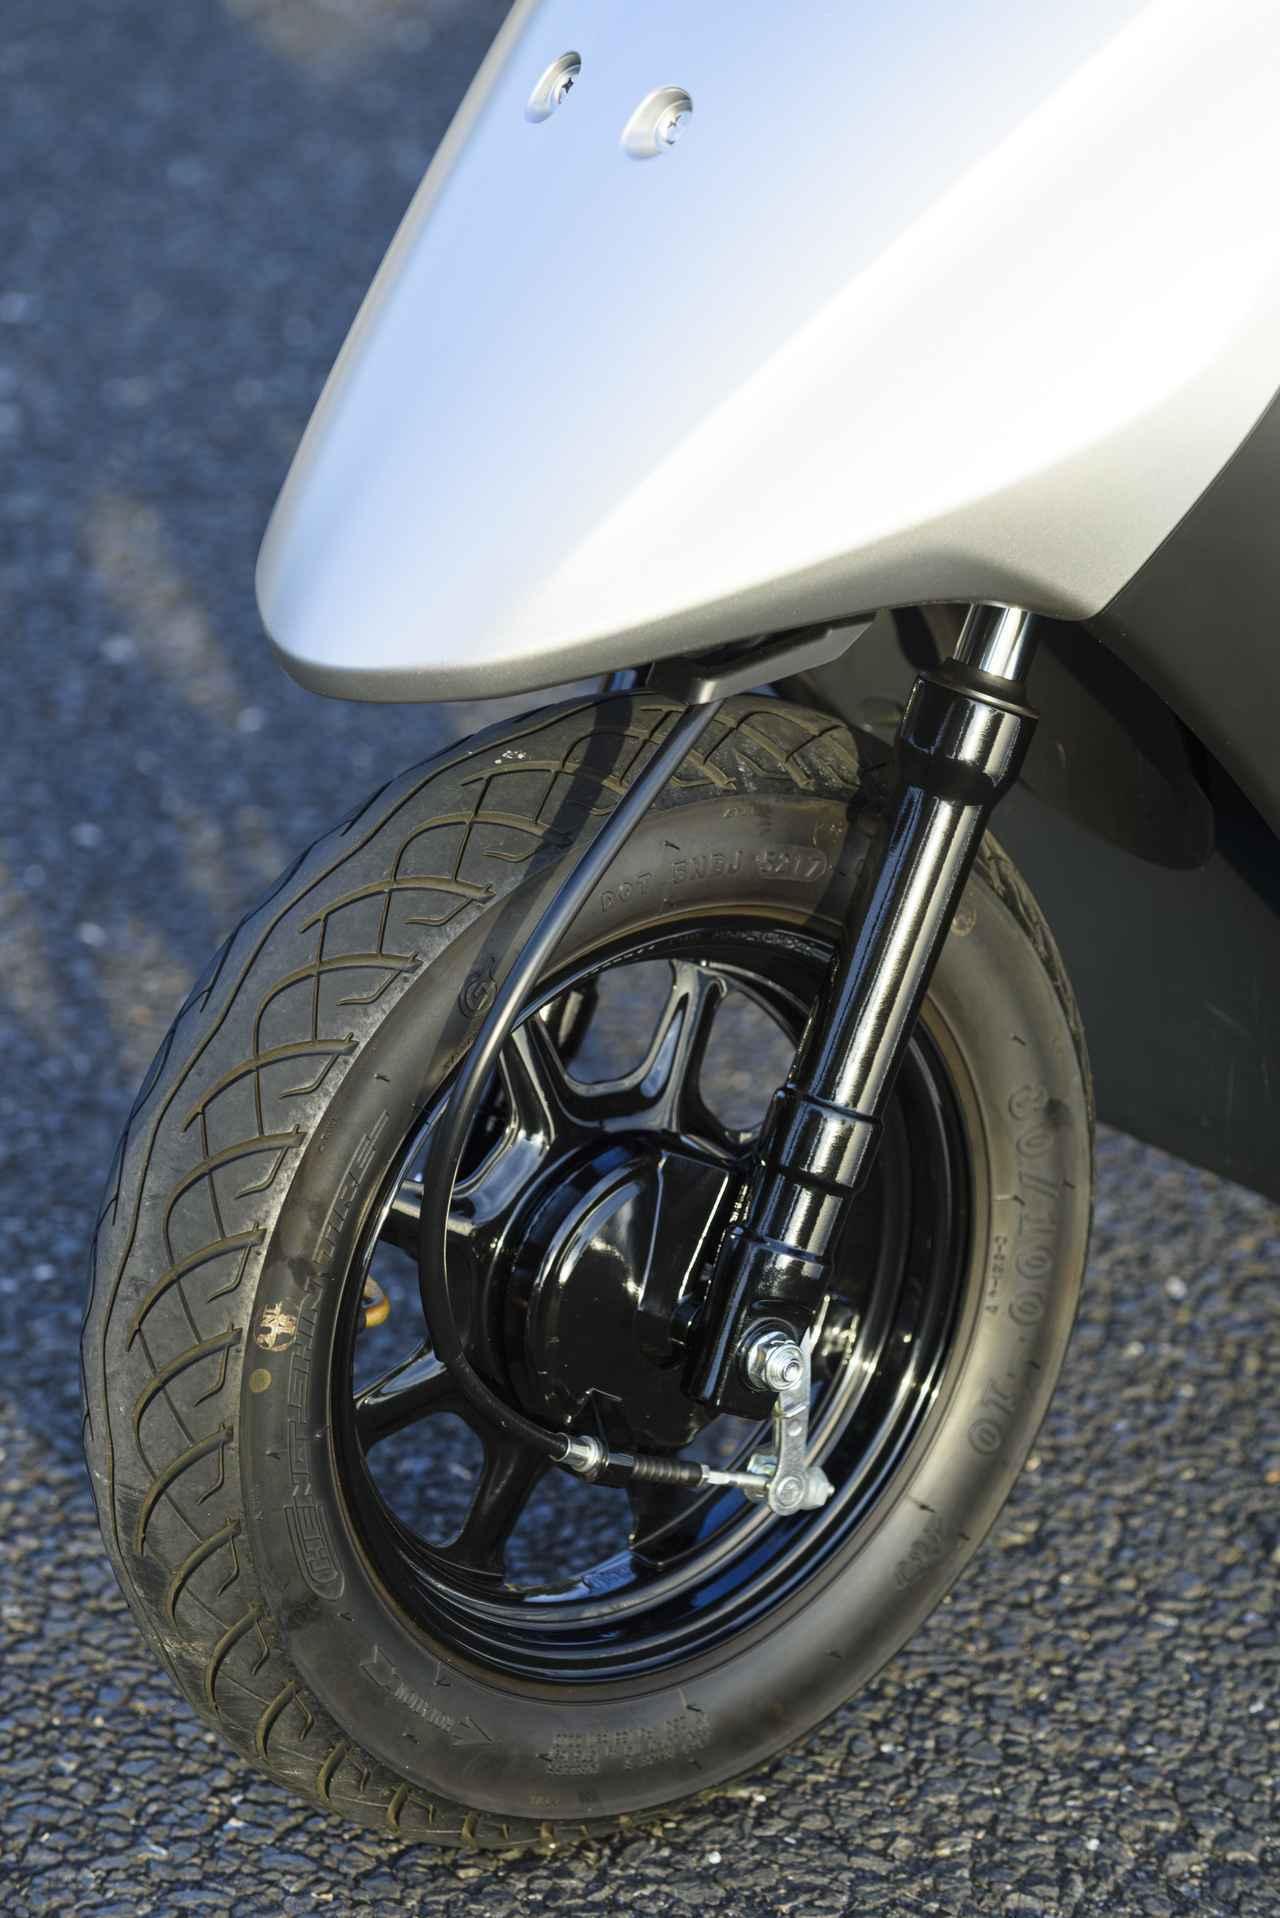 画像: 前後ドラムブレーキだが、左レバー(リアブレーキ)を握るとフロントも効くコンビブレーキを搭載。左ブレーキにはレバーロックがついていて、クルマでいうサイドブレーキとして使える。